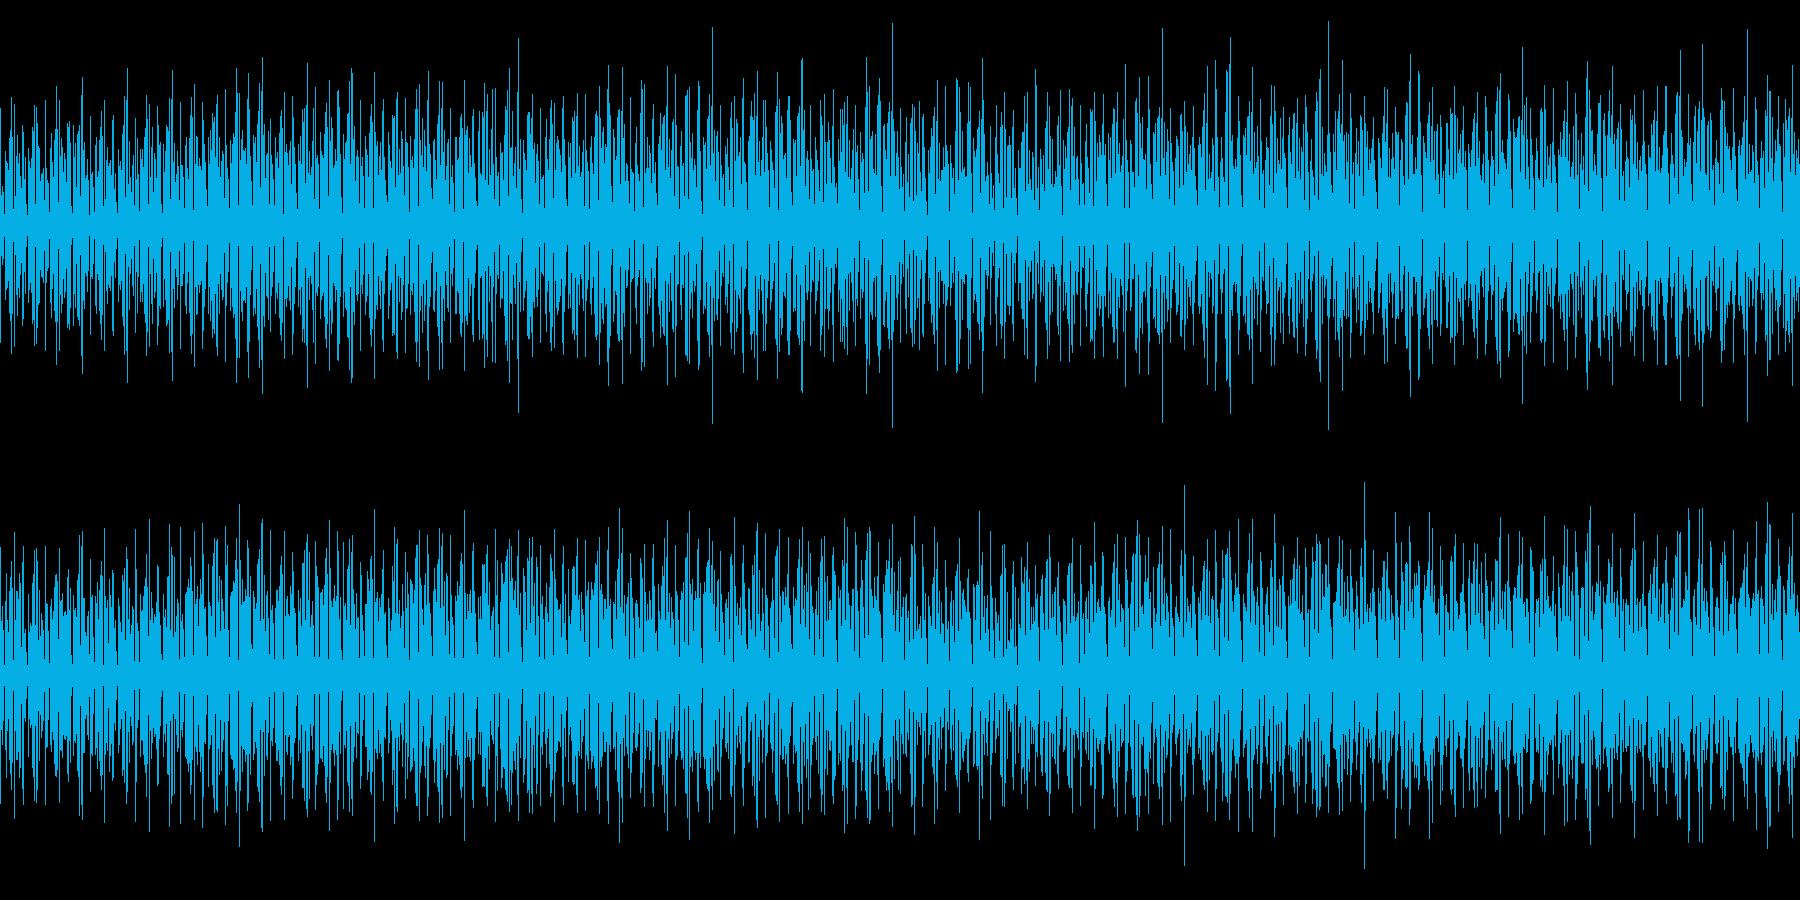 最新のサービス紹介で流れそうなBGMの再生済みの波形